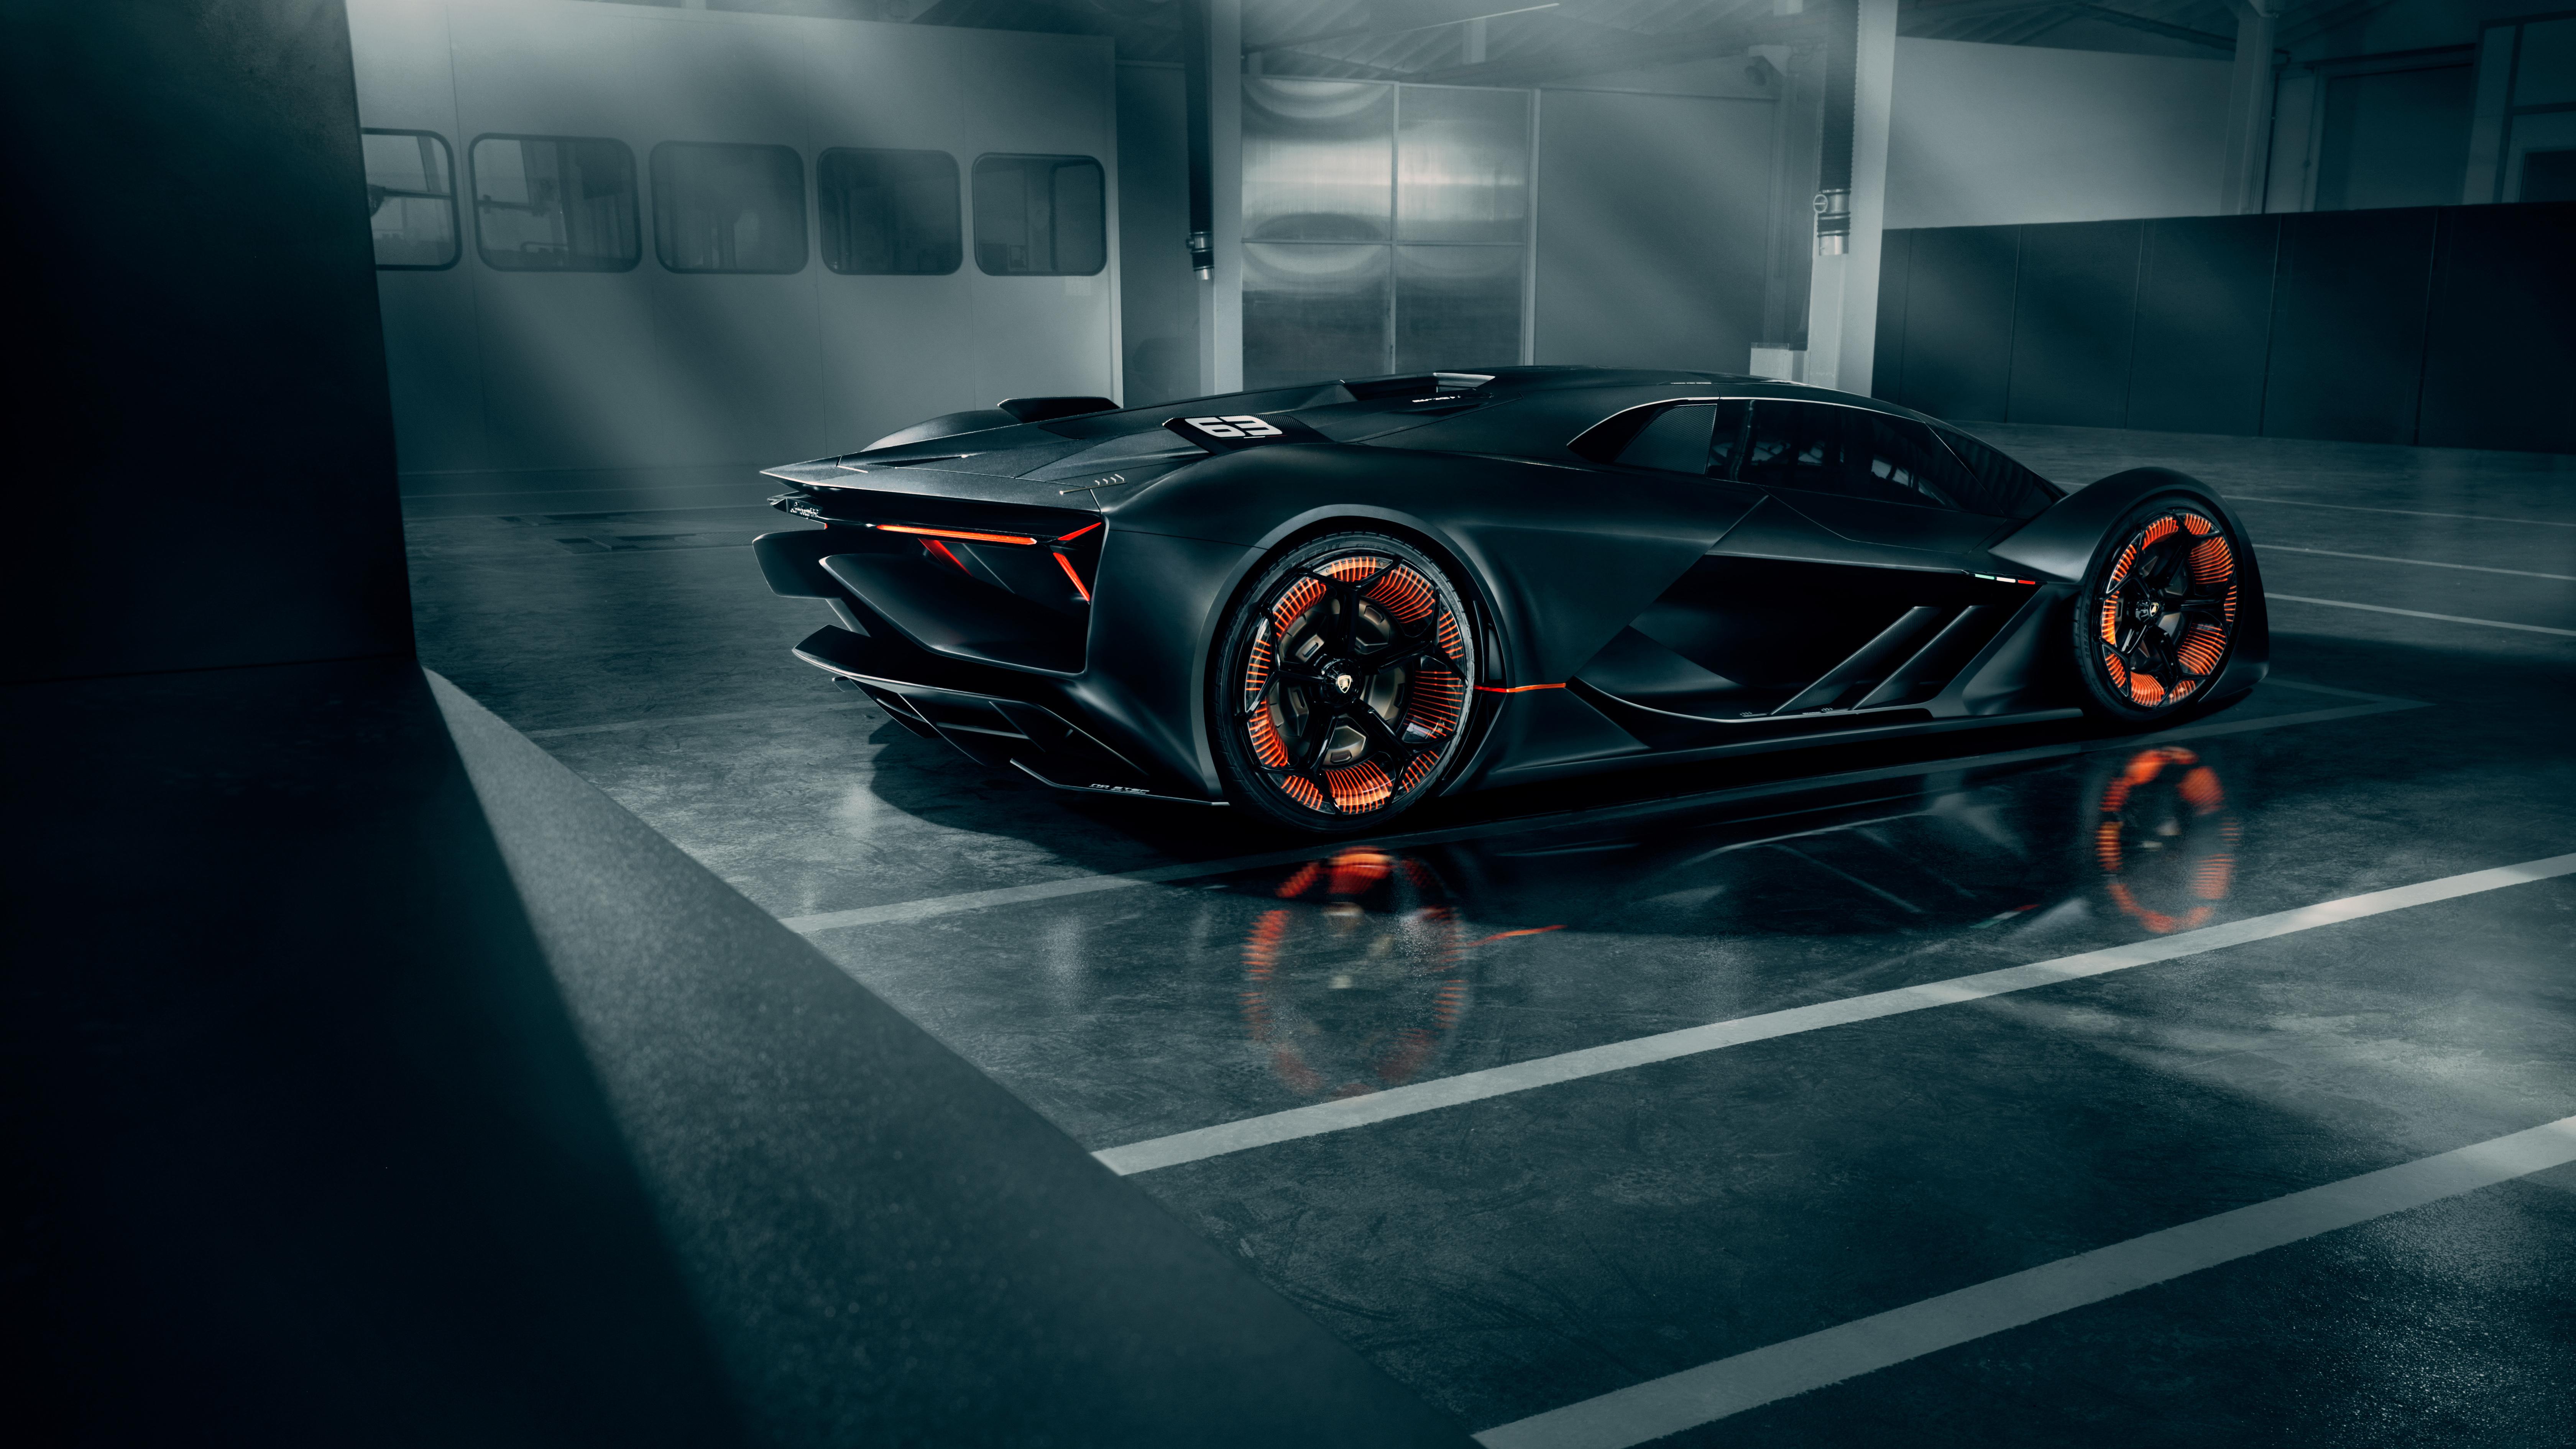 2019 Lamborghini Terzo Millennio 5K 2 Wallpaper | HD Car ...